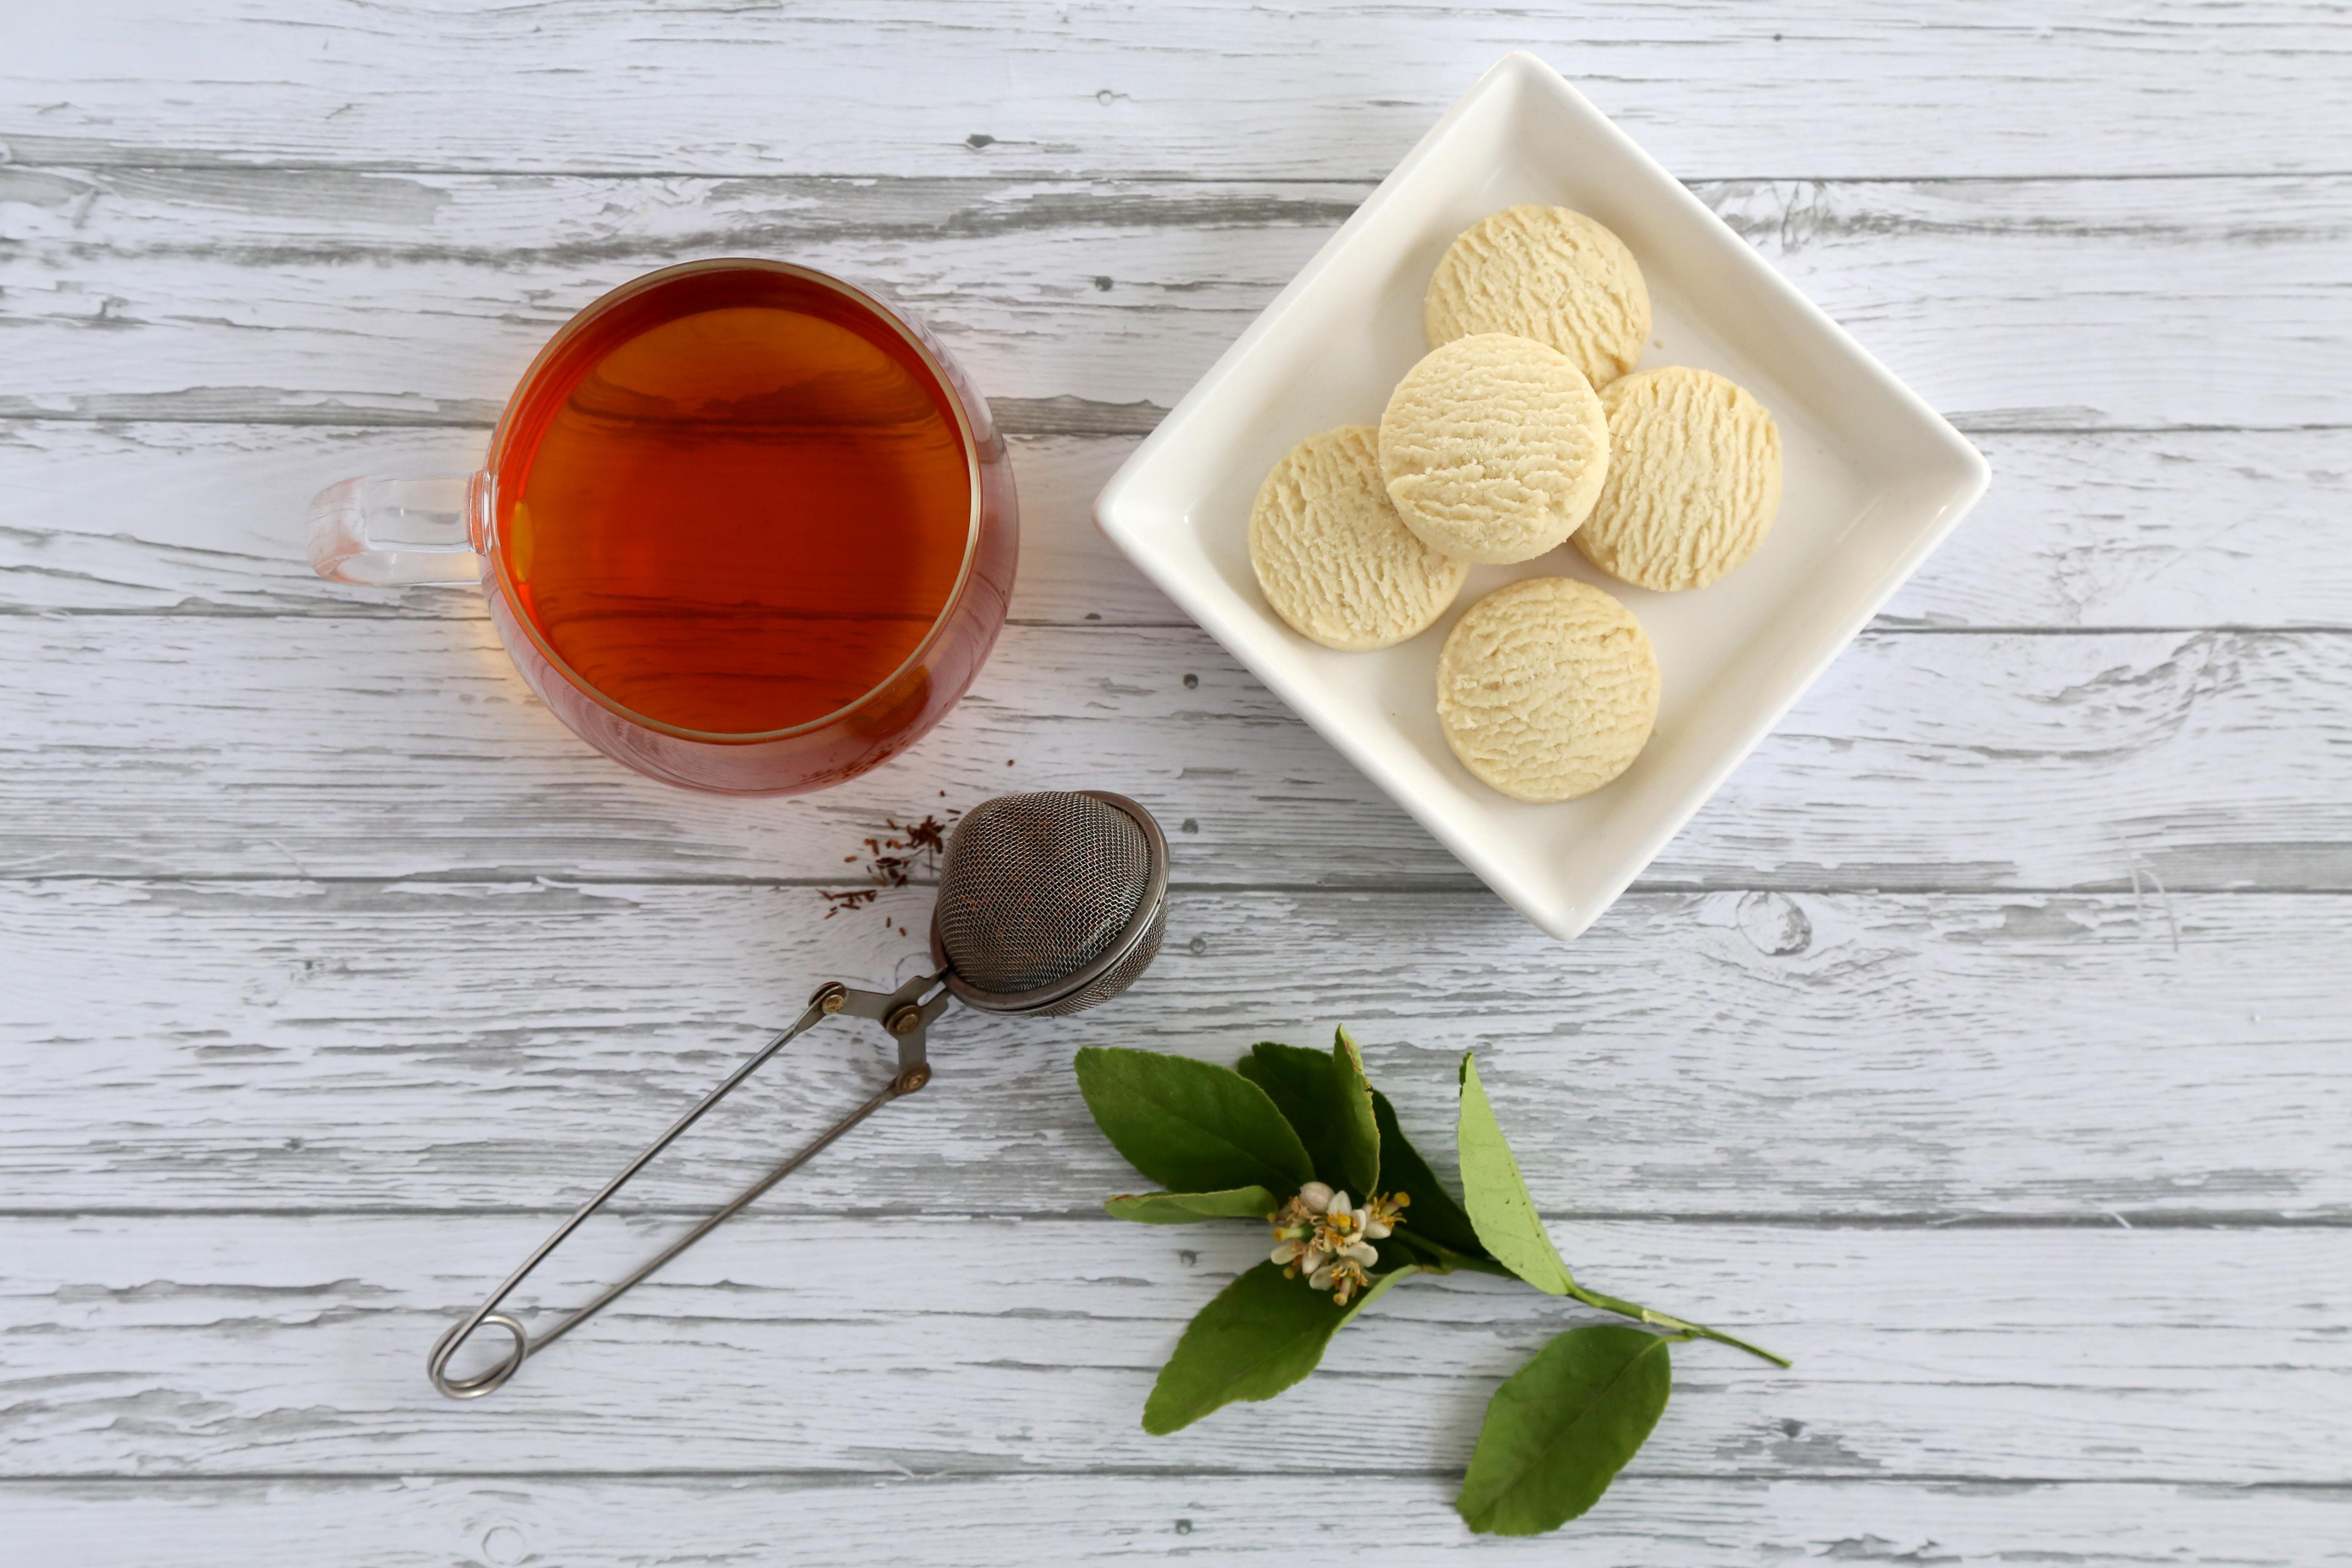 紅茶と紅茶味のクッキー